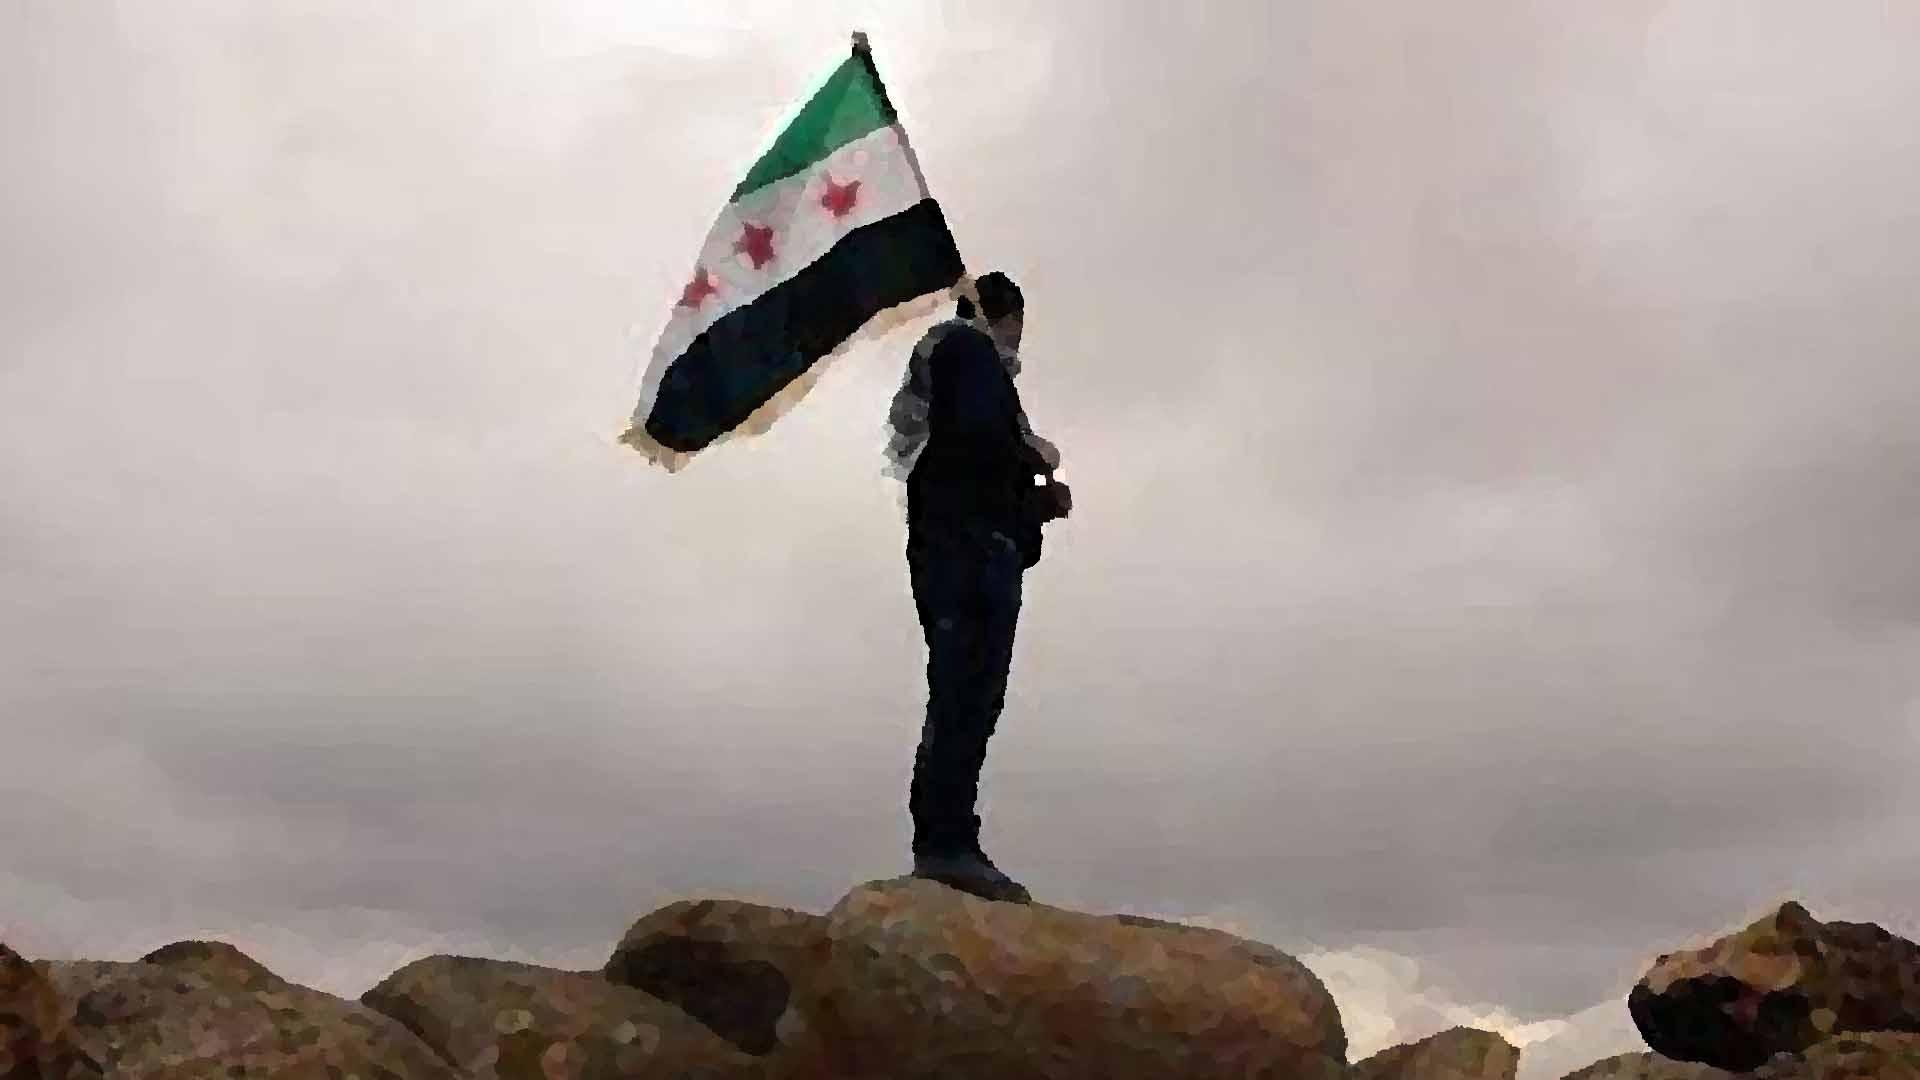 الهوية الوطنية السورية بين الإشكالية والالتباس